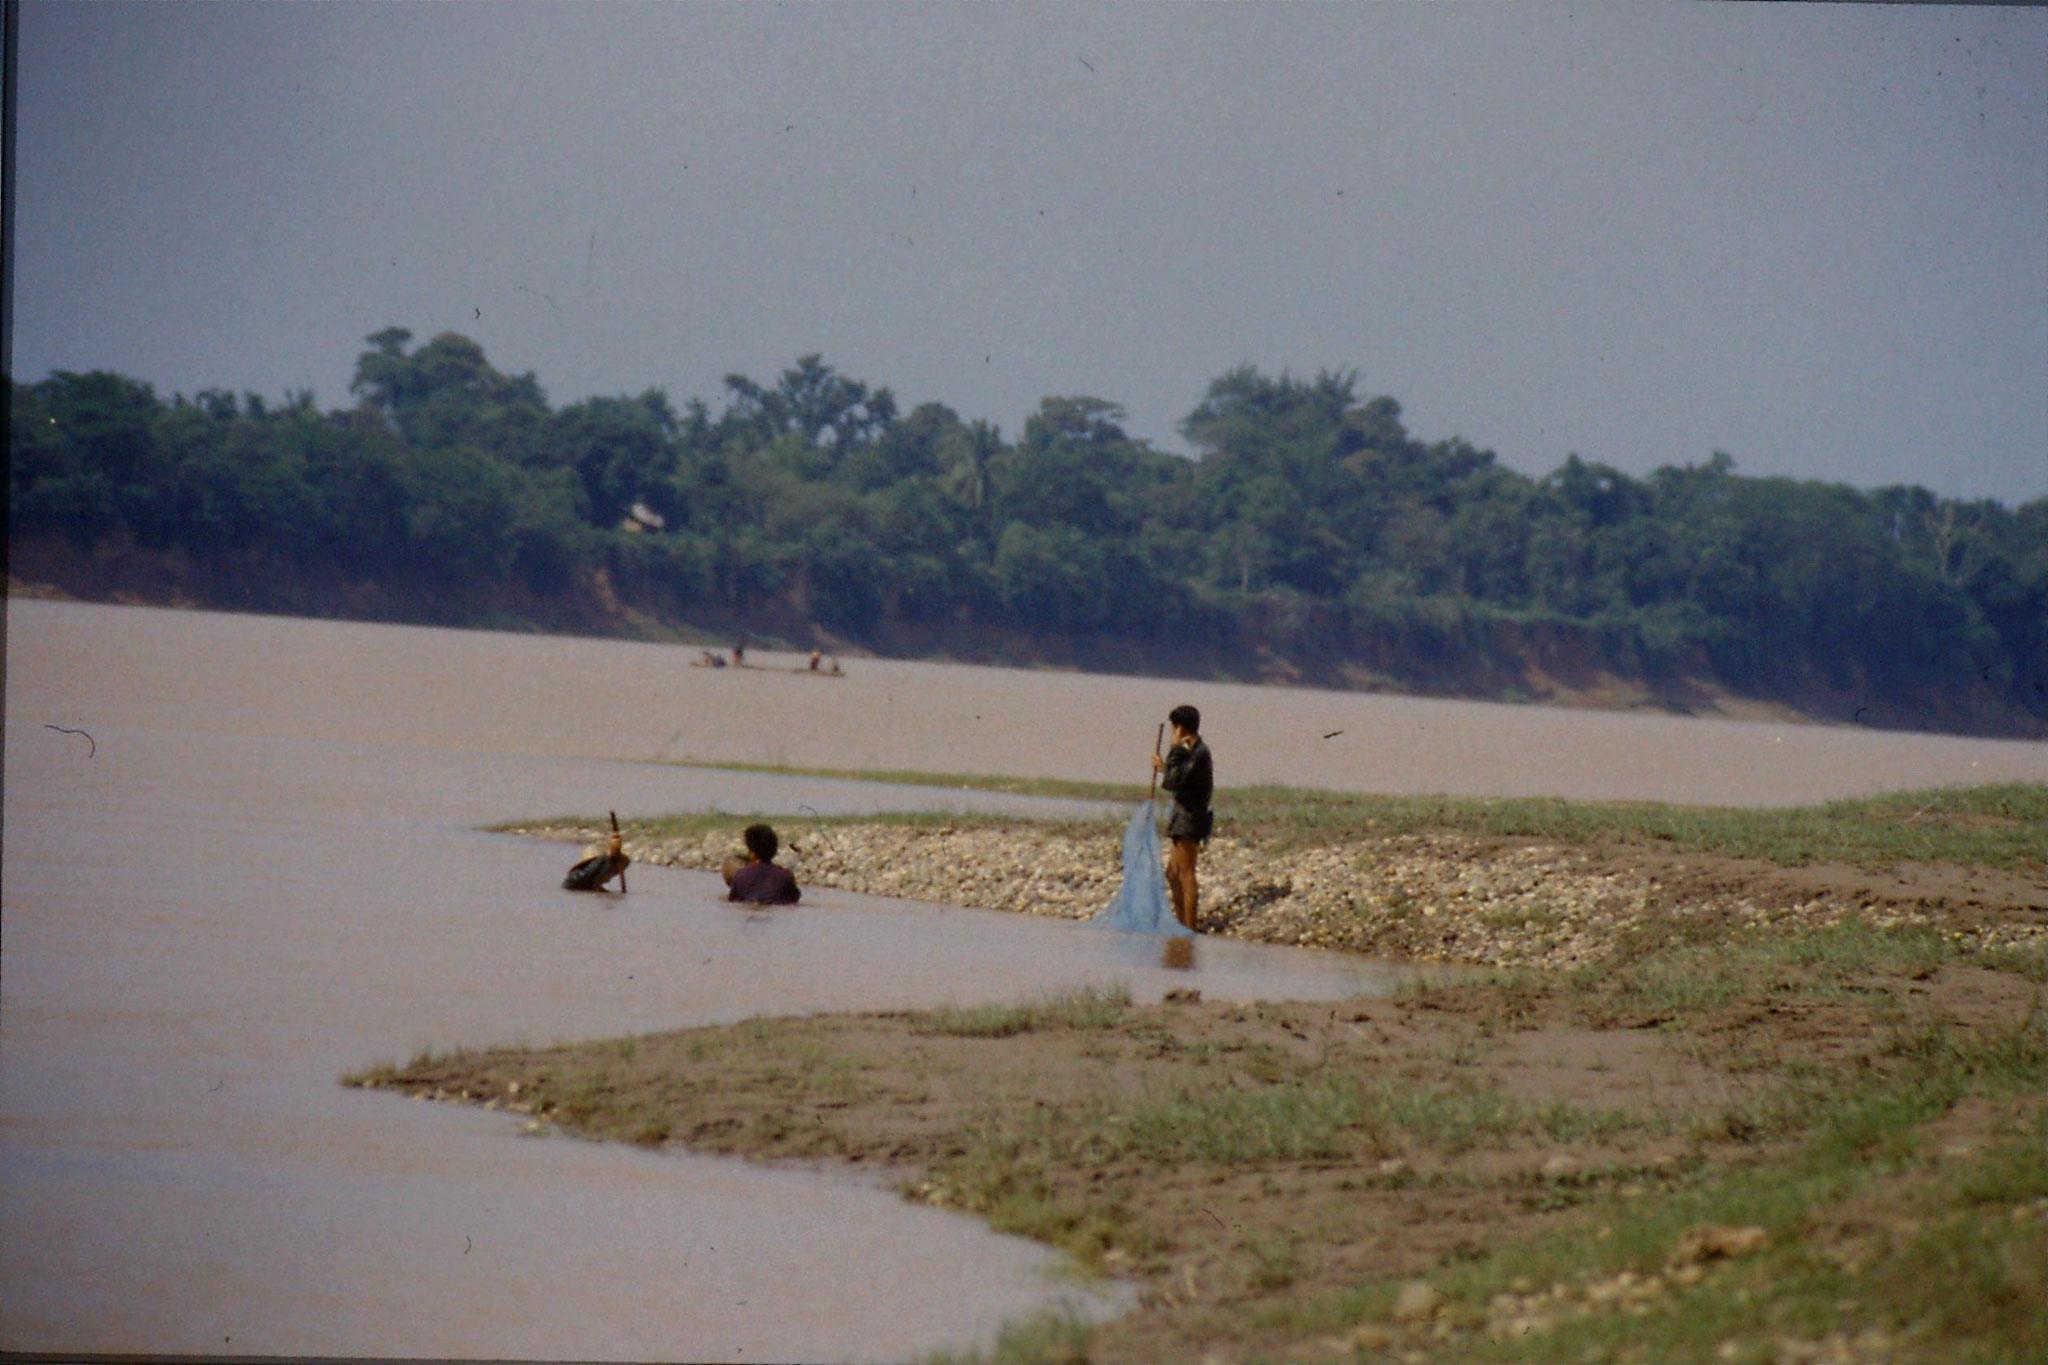 30/5/1990: 26: east of Nong Khai, Mekong river